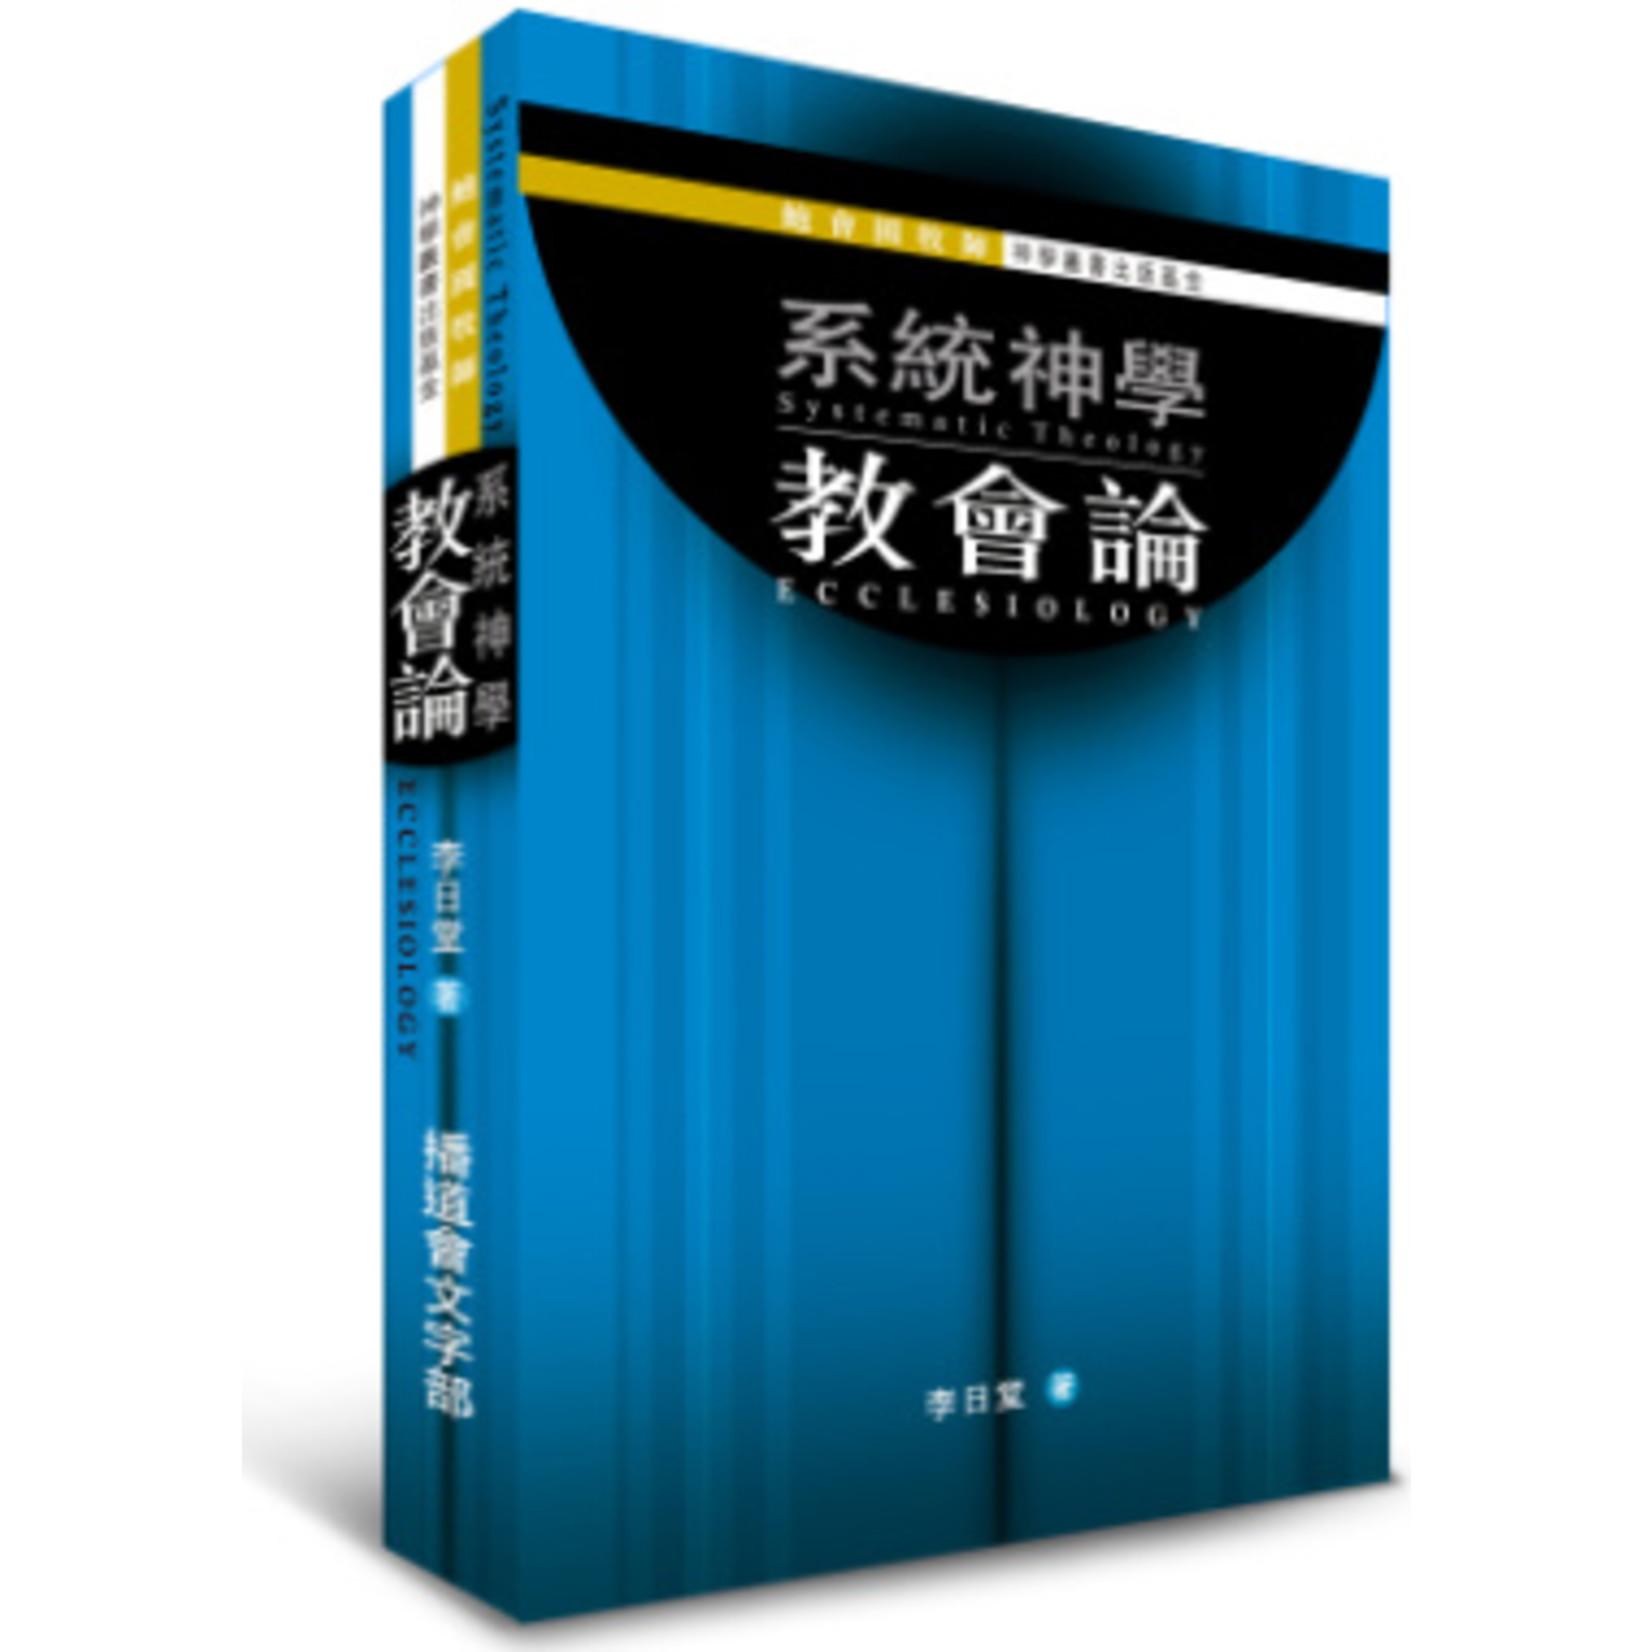 播道會文字部 Evangel Press 系統神學:教會論